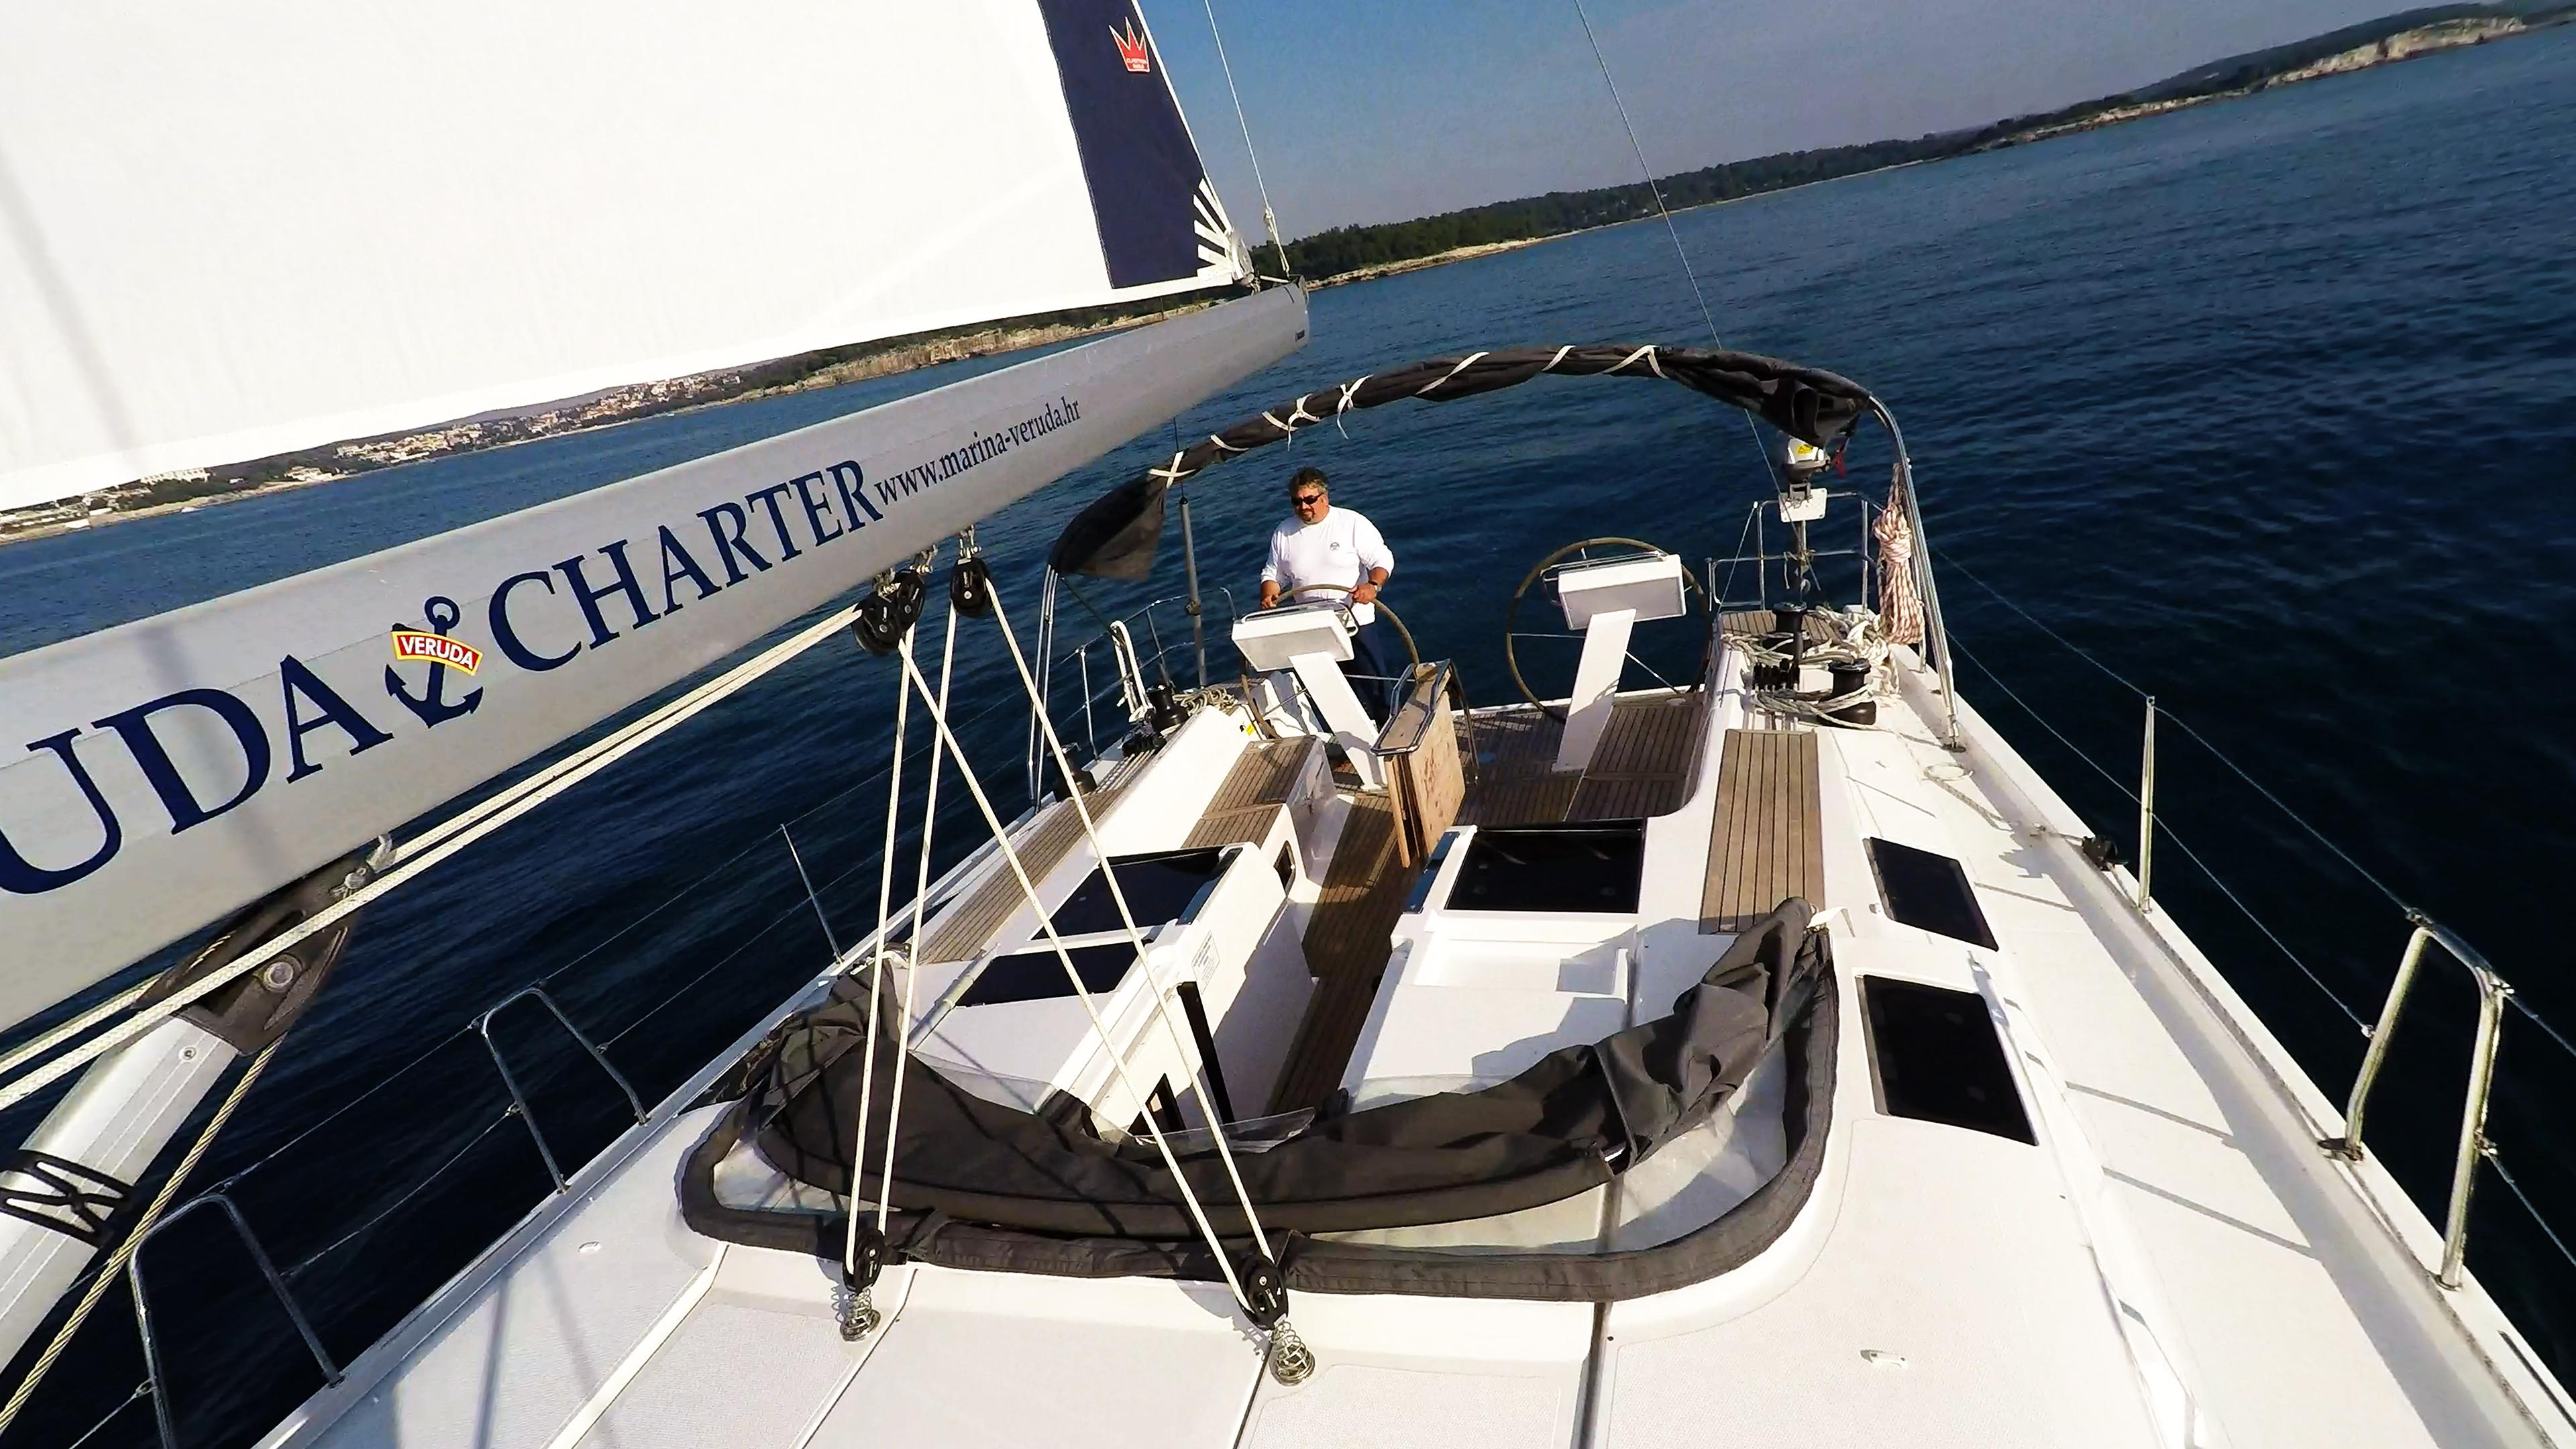 barcha a vela boma yacht a vela skipper doppie timoni ruota pontein teak pozzetto mare barca a vela